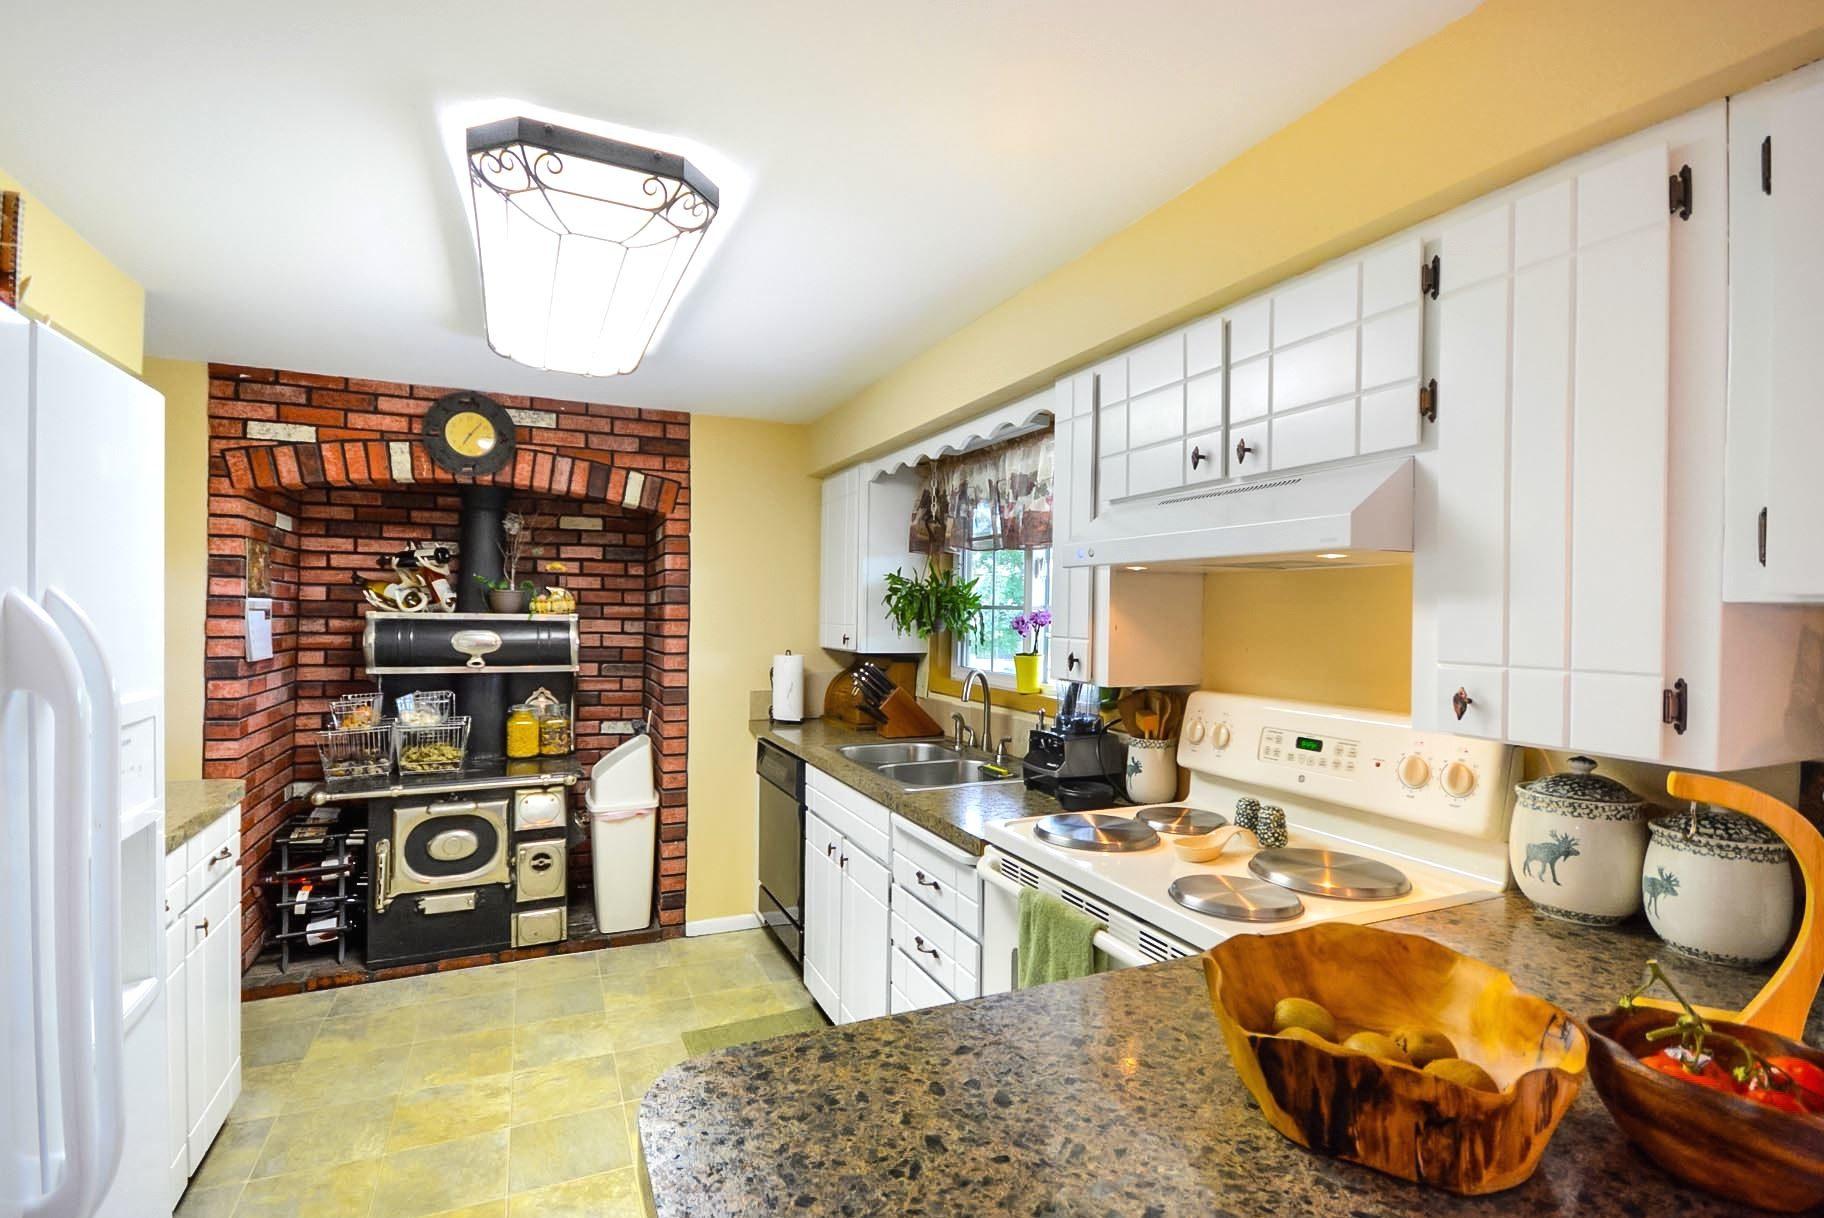 Imagen gratis: interior, nevera, muebles, cocina, cocina ...